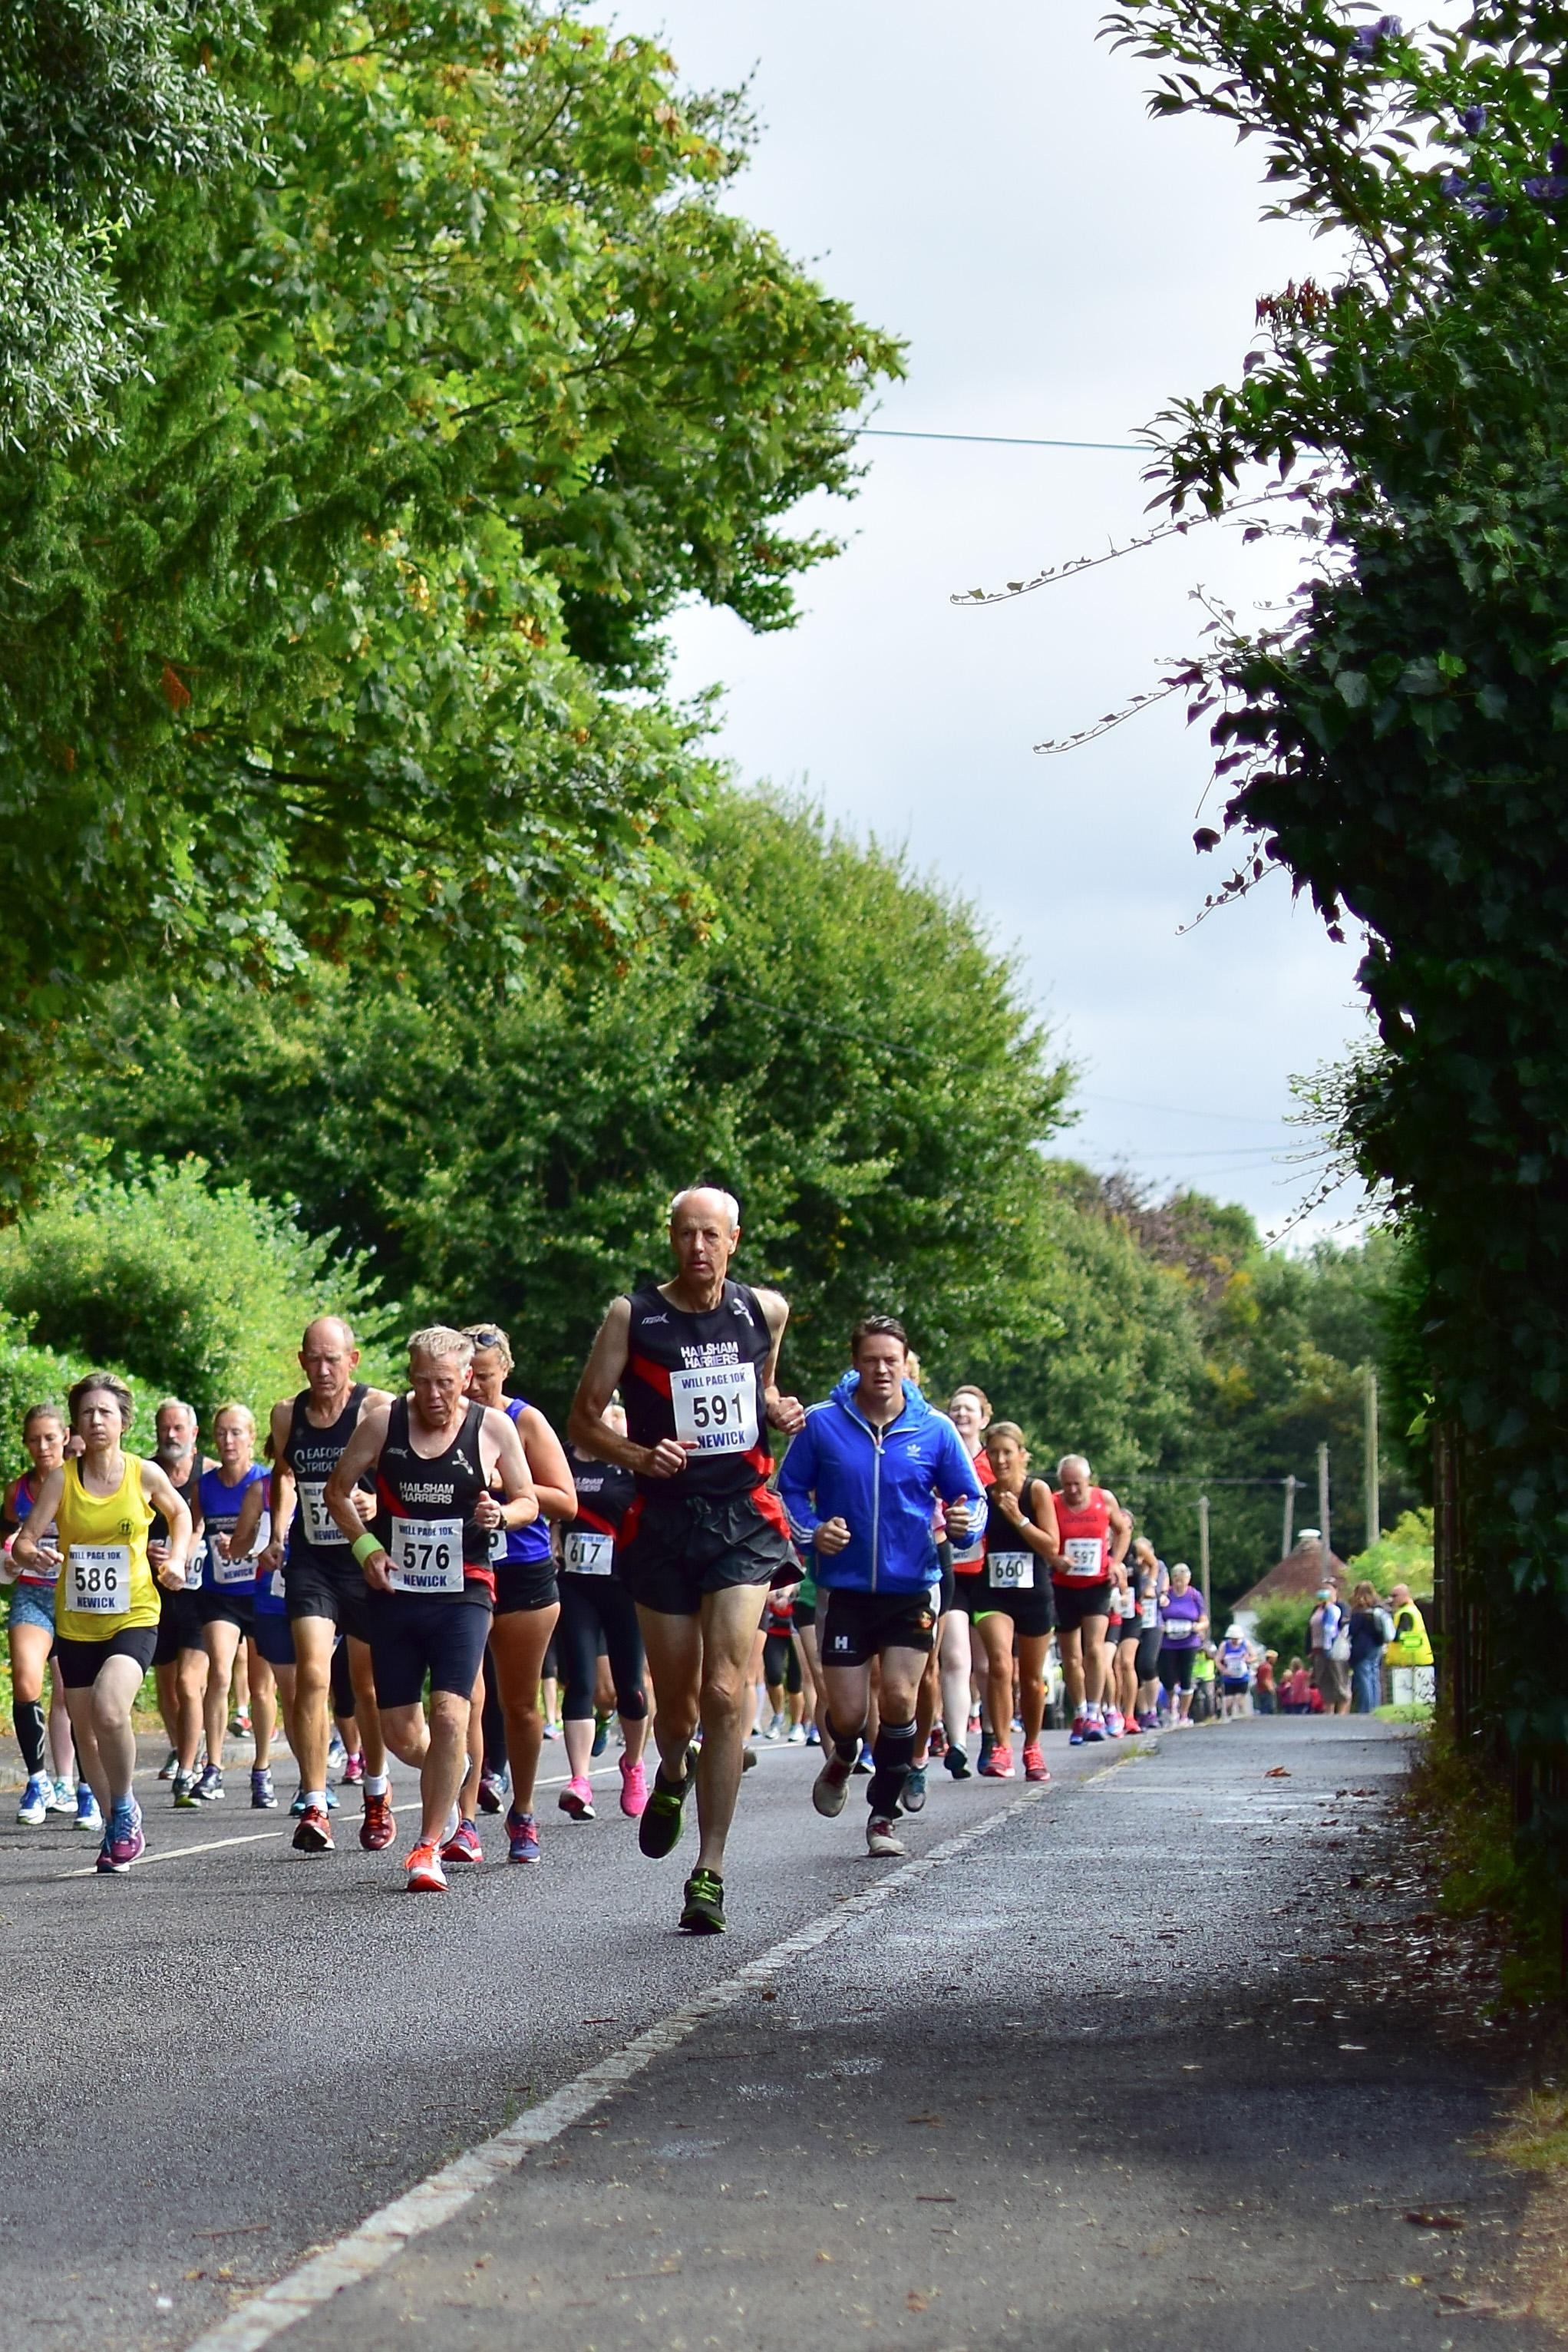 Runner - 591 (1)